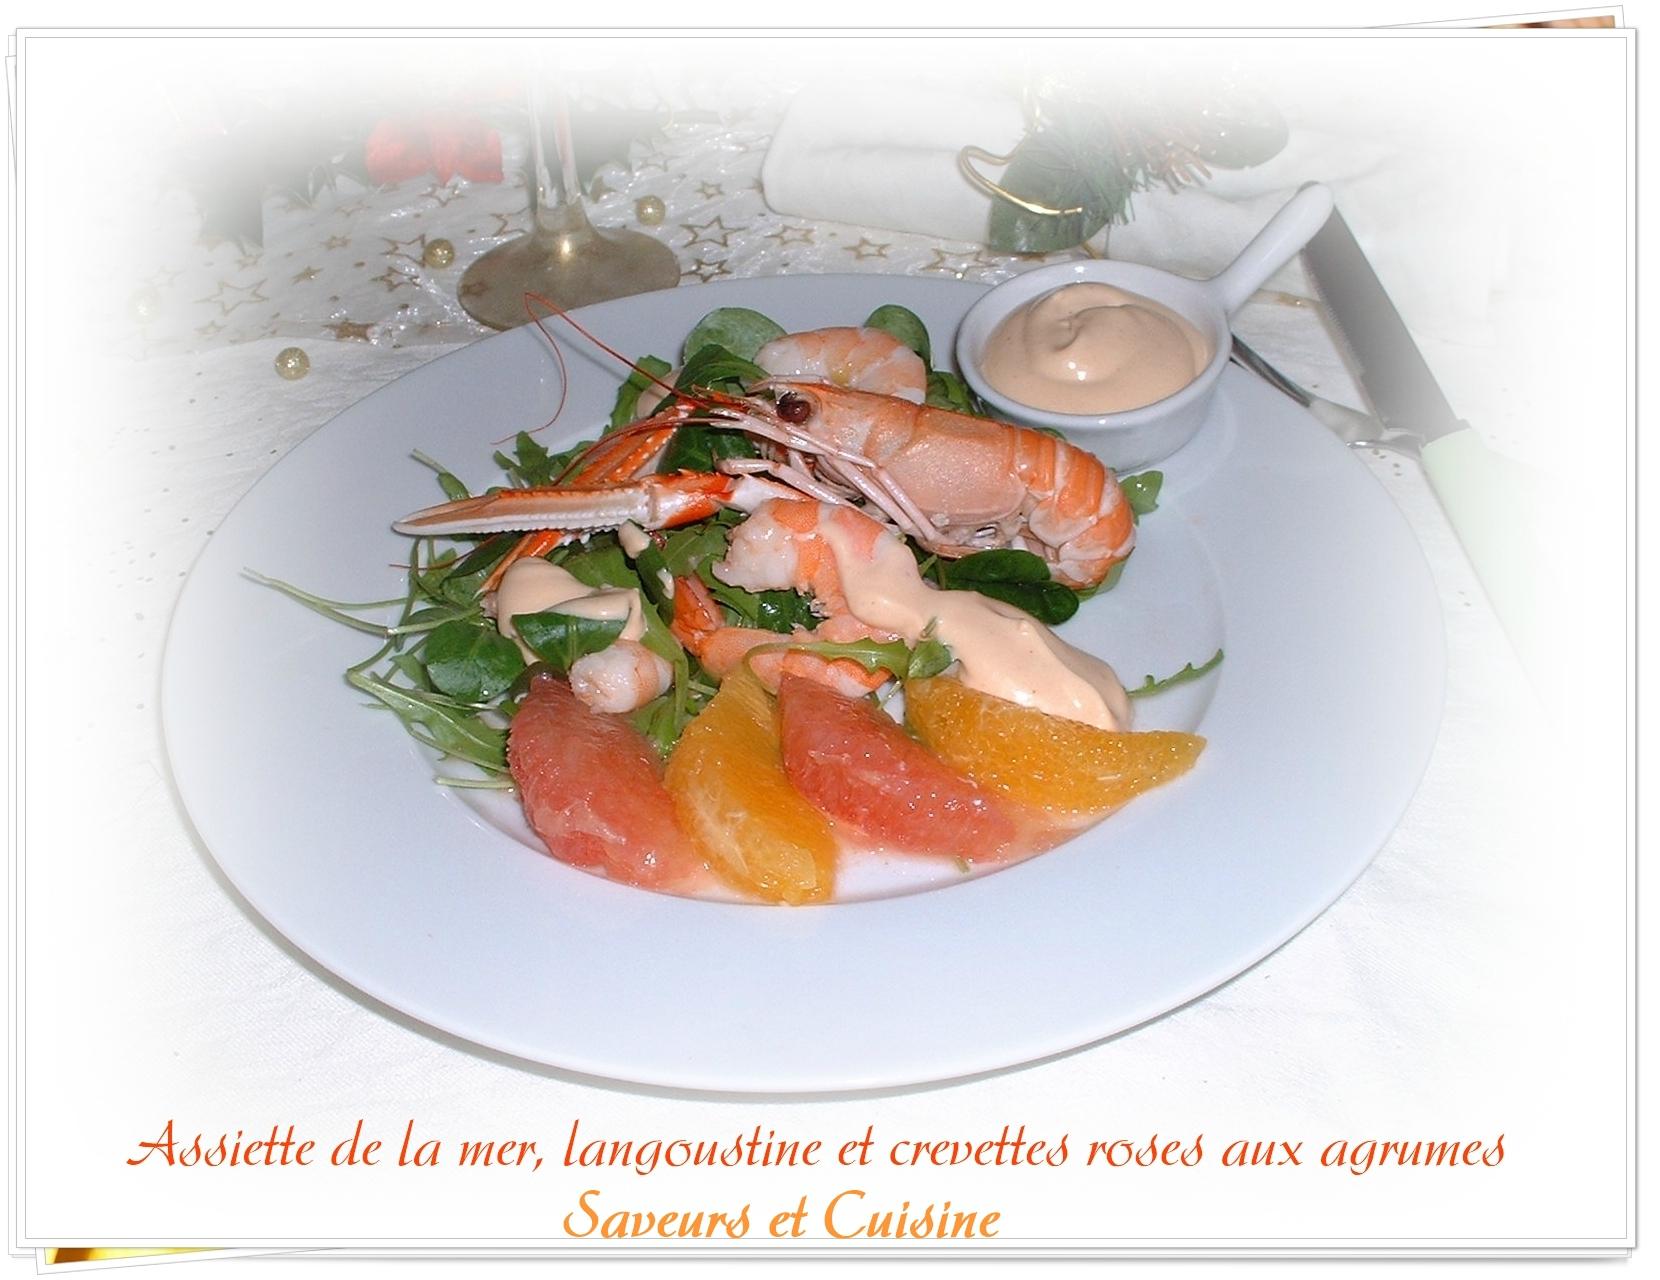 Assiette de la mer langoustine et crevettes roses aux agrumes une entr e festive chambre d - Decoration de salade sur assiette ...